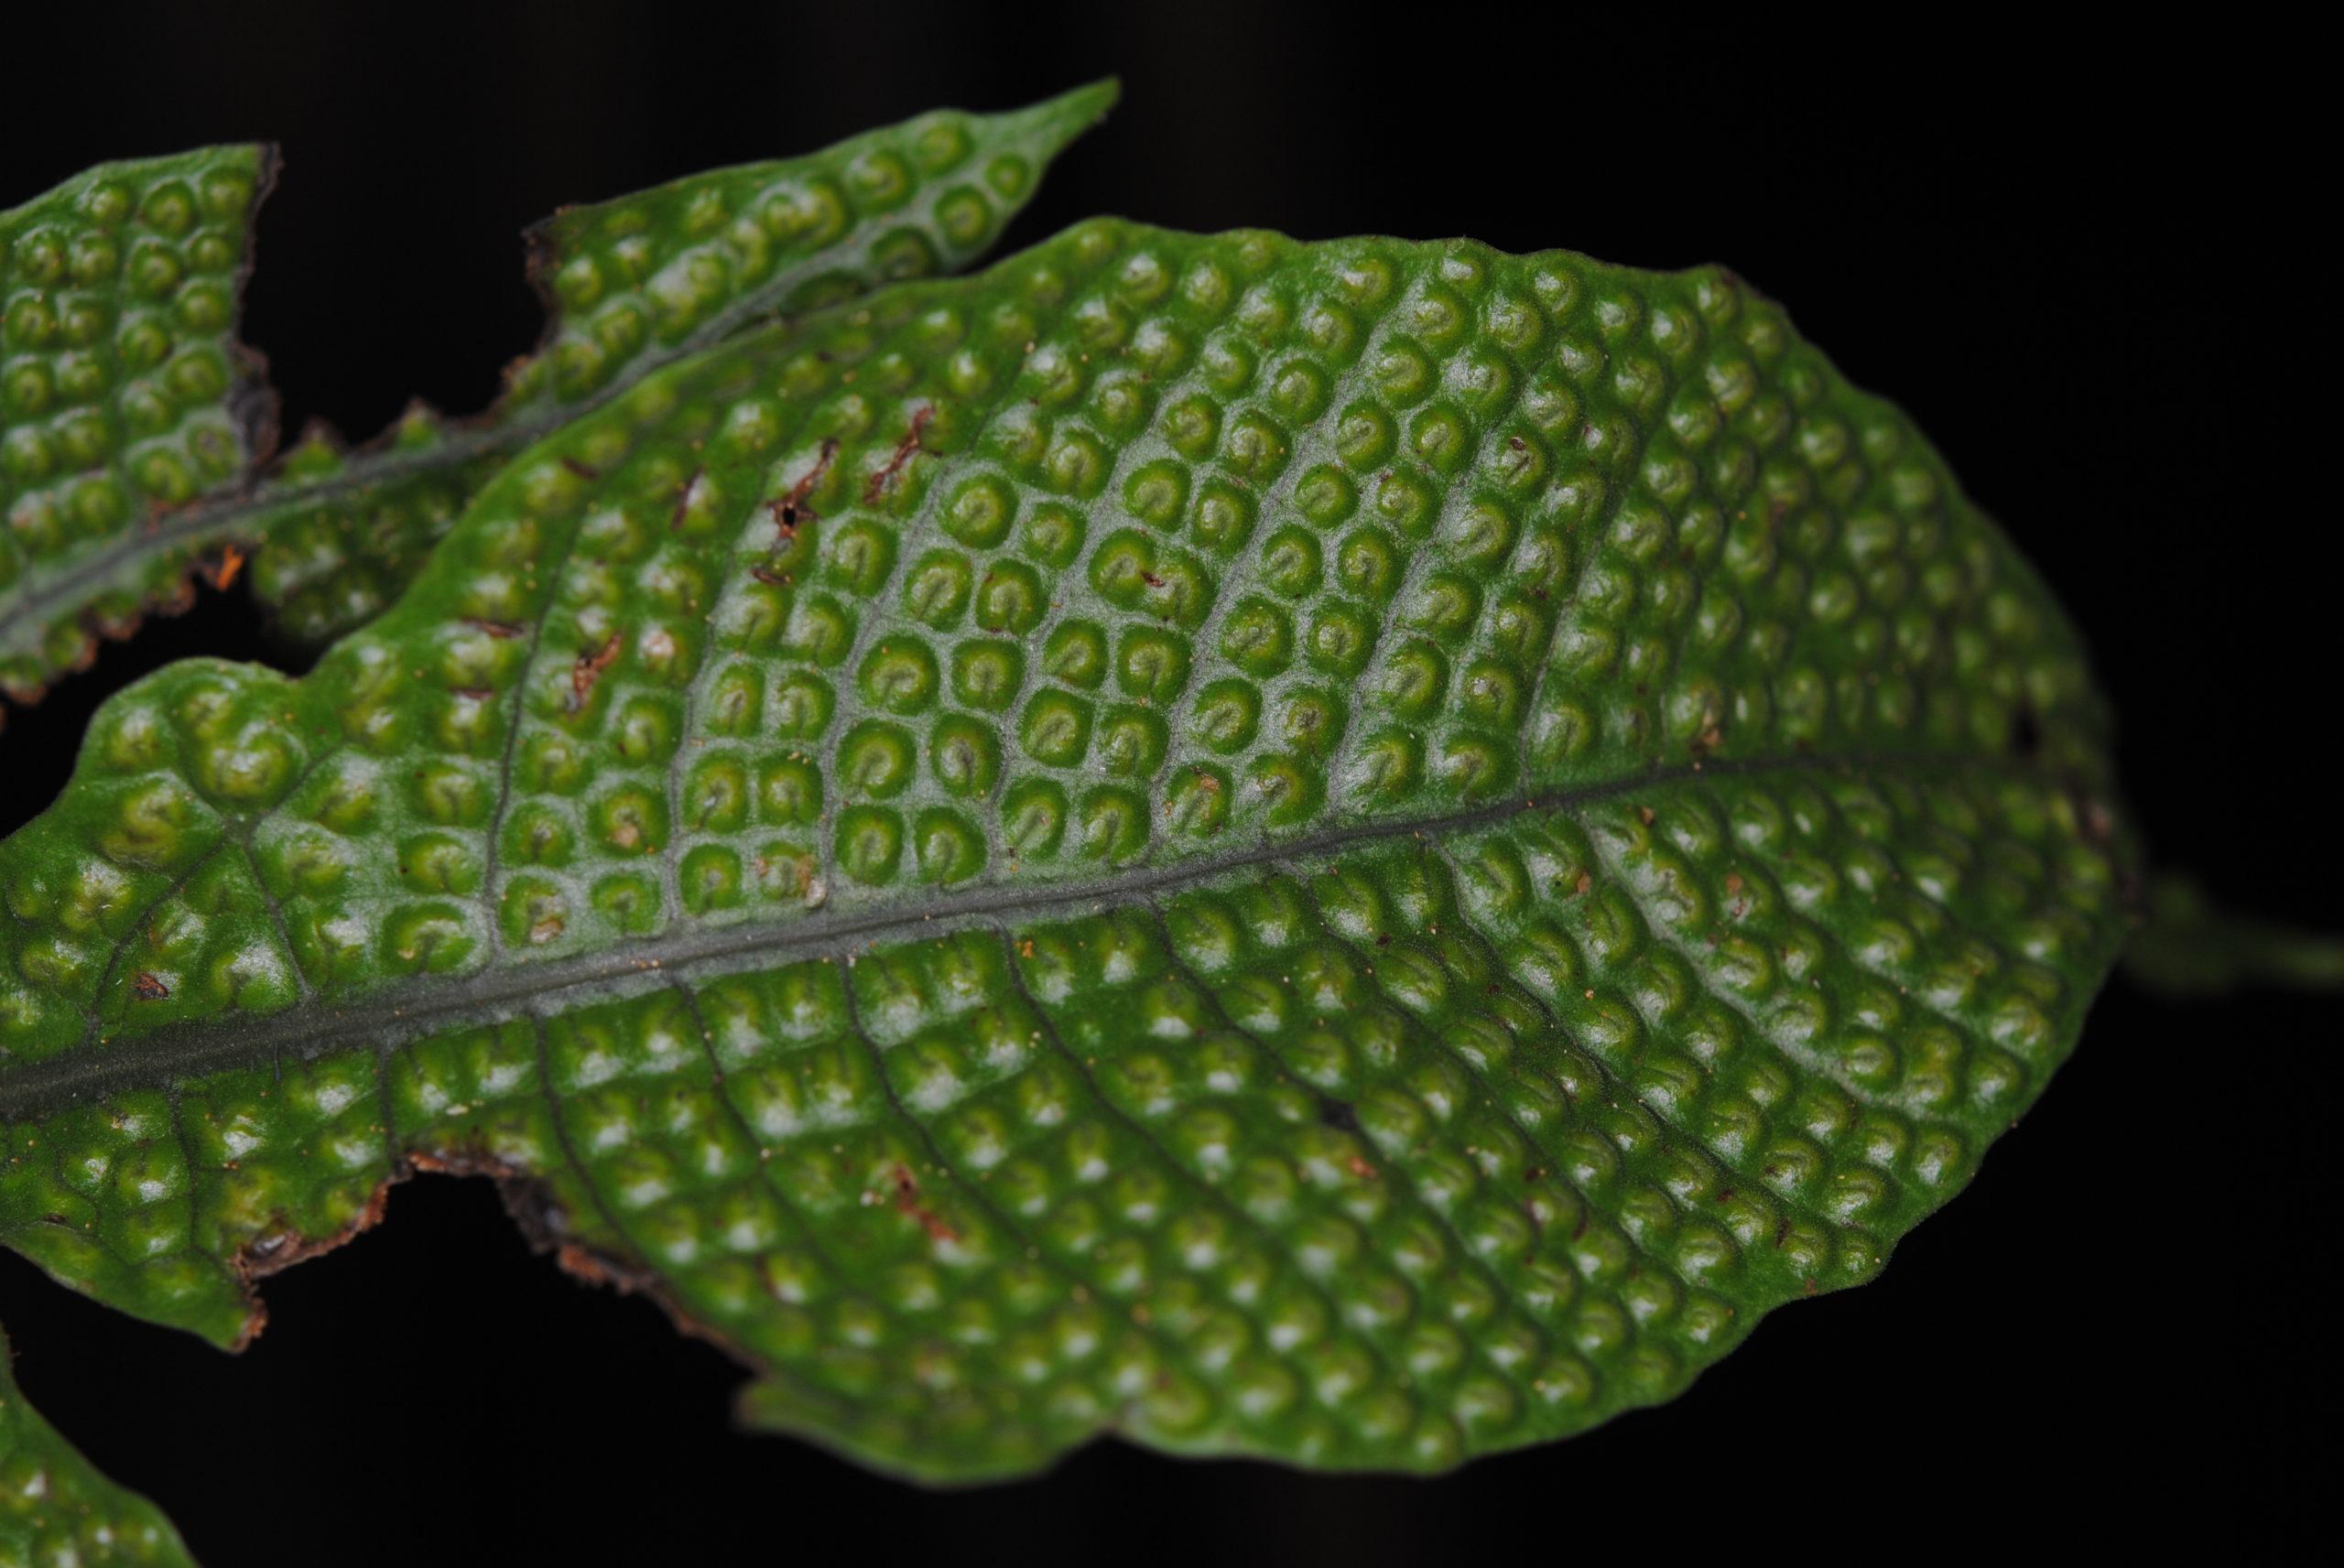 Tectaria pleisosora